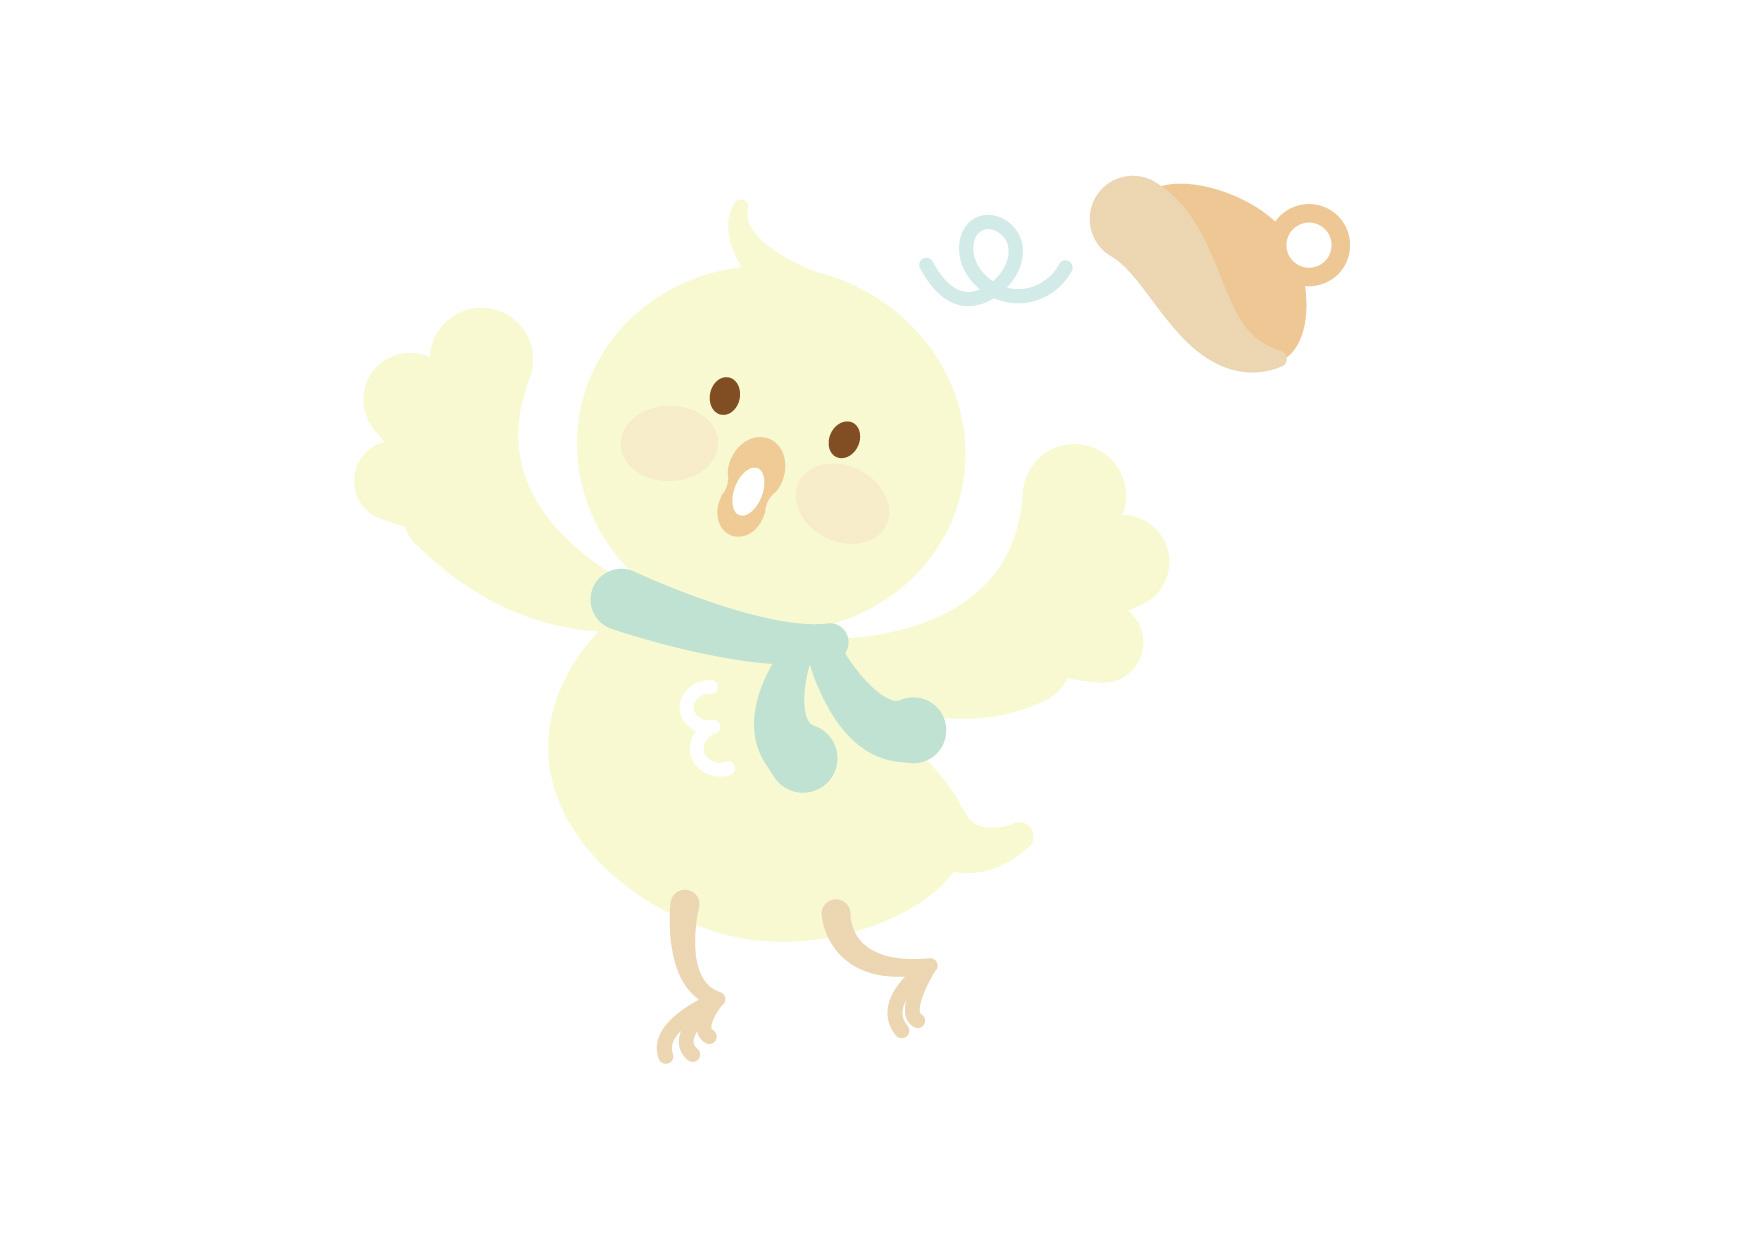 お正月 鶏 ひよこ 子供2 イラスト 無料